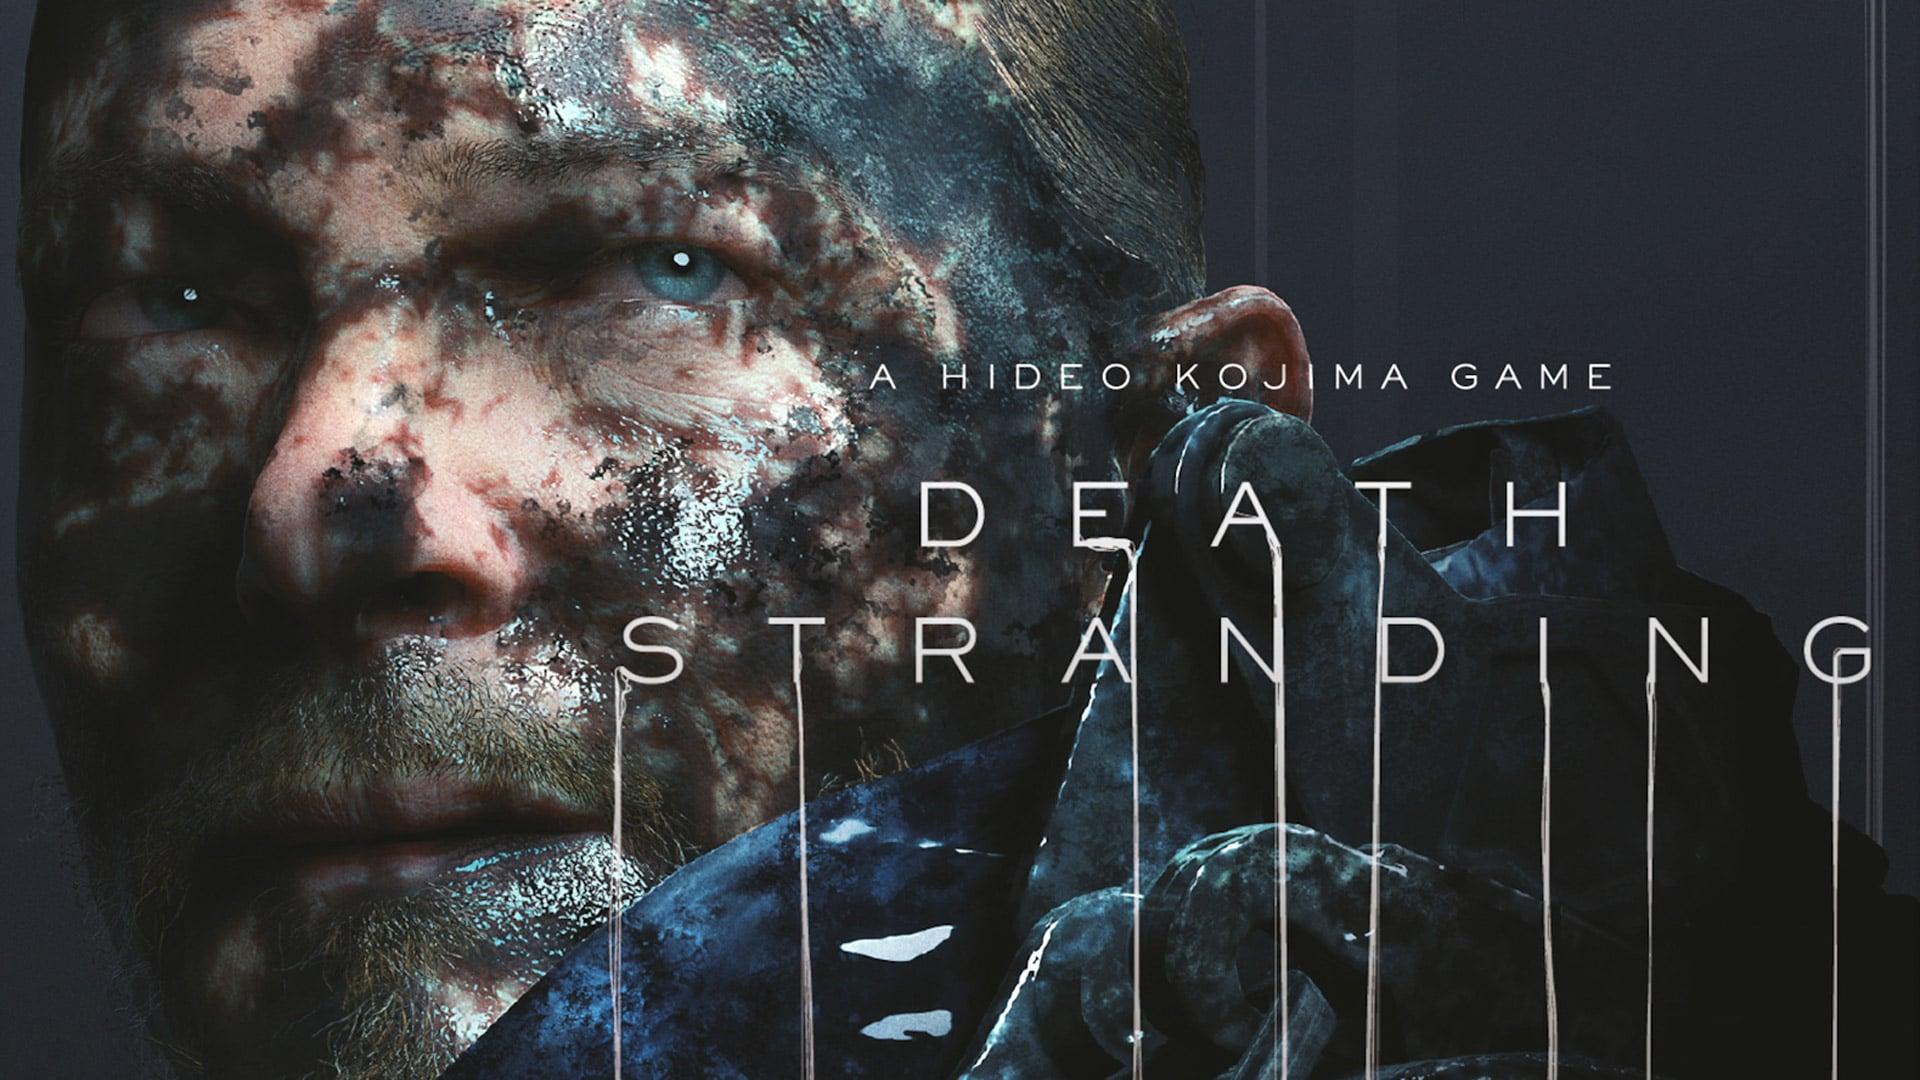 Death Stranding recebe sete indicações para o GDC